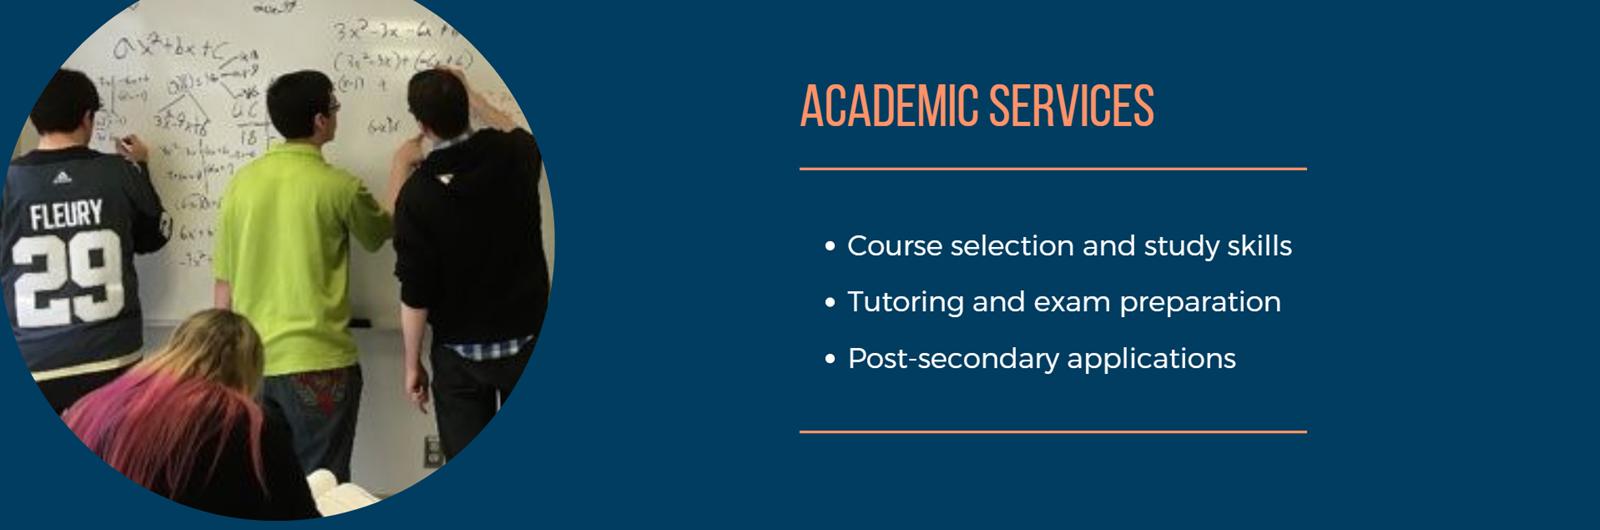 01 Academic Services BrJrys.png